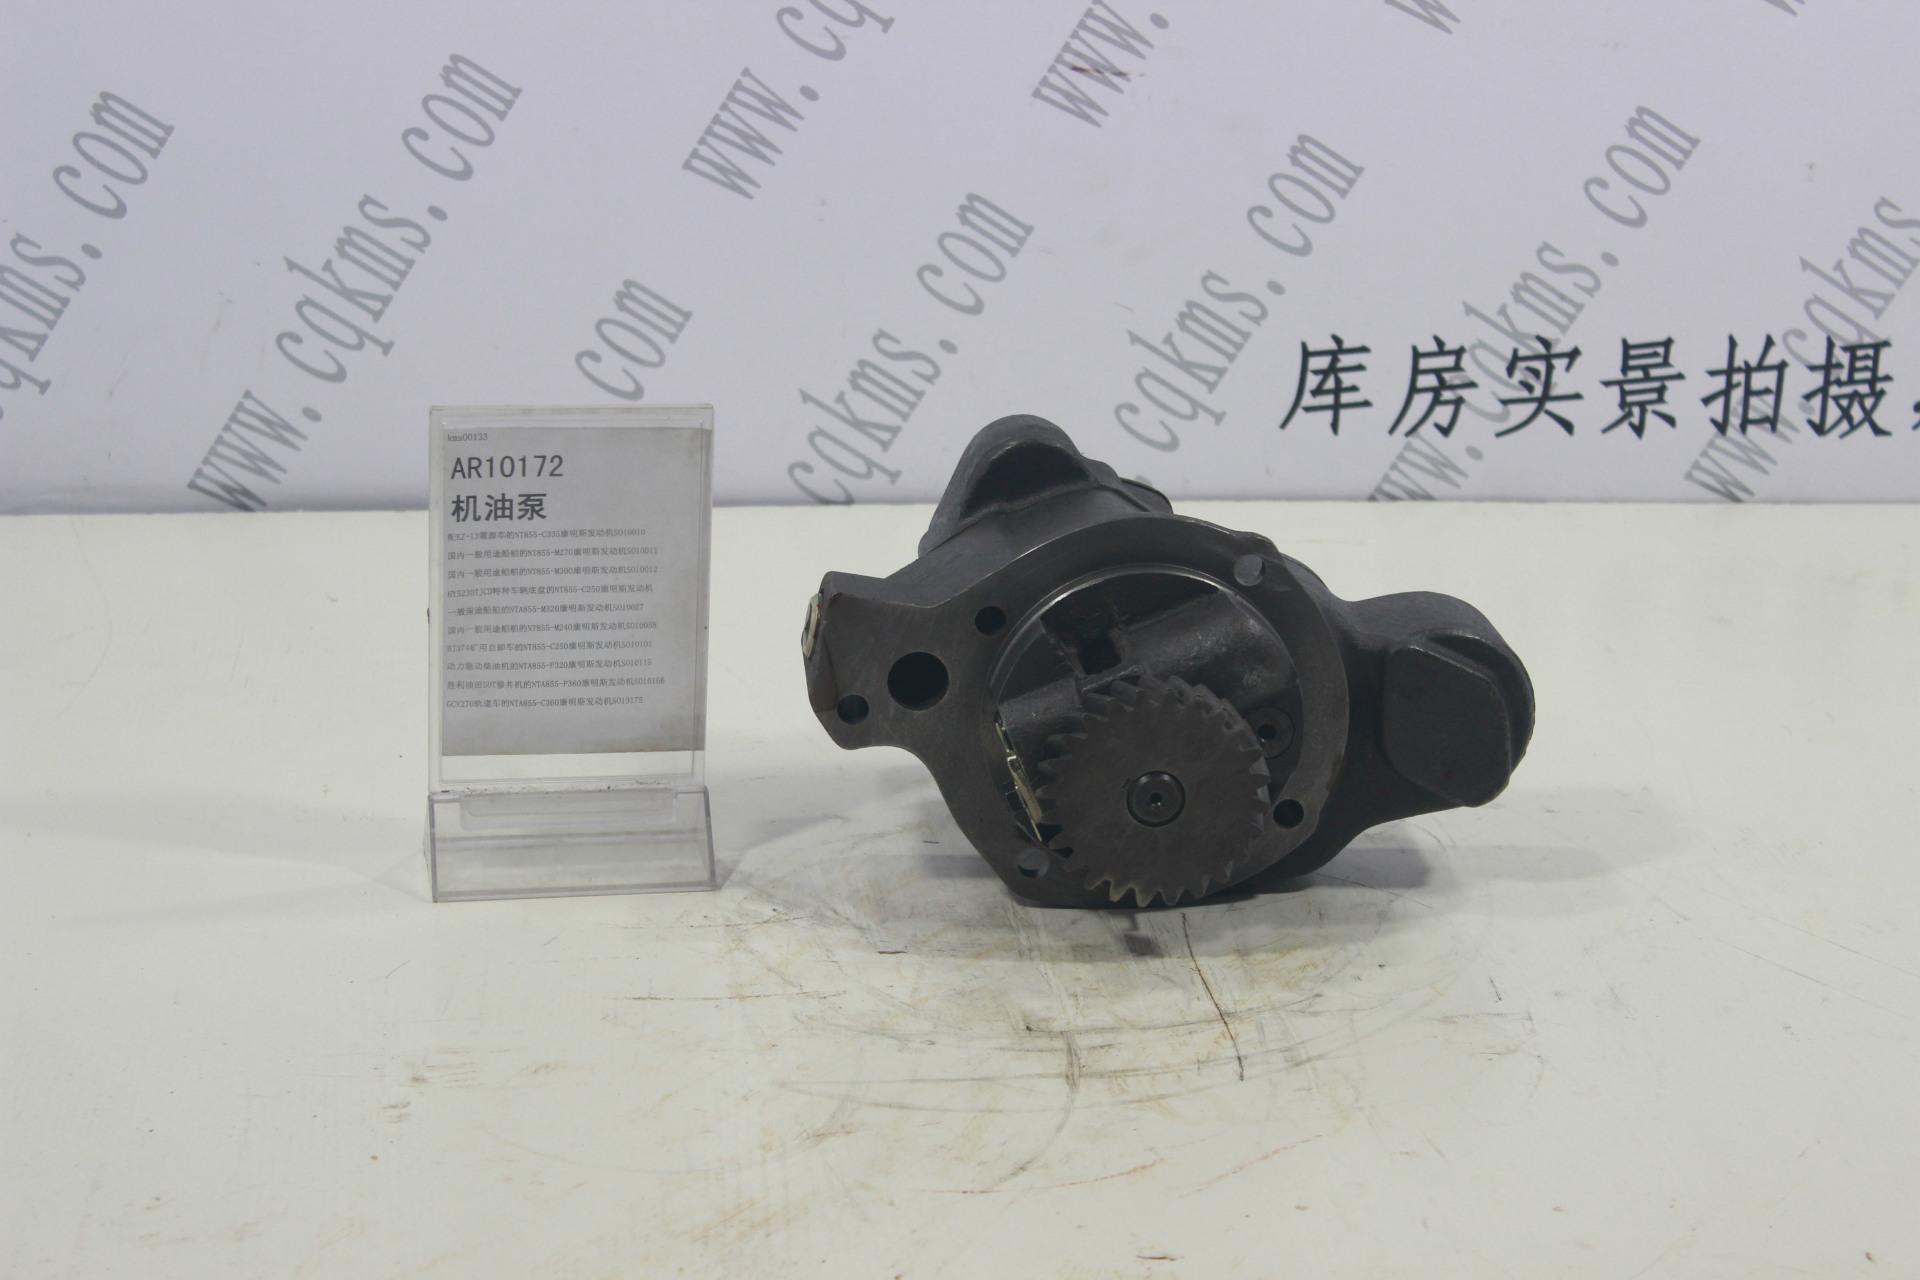 kms00133-AR10172-机油泵---参考规格29*23*20cm含包装-参考重量18150-18150图片1